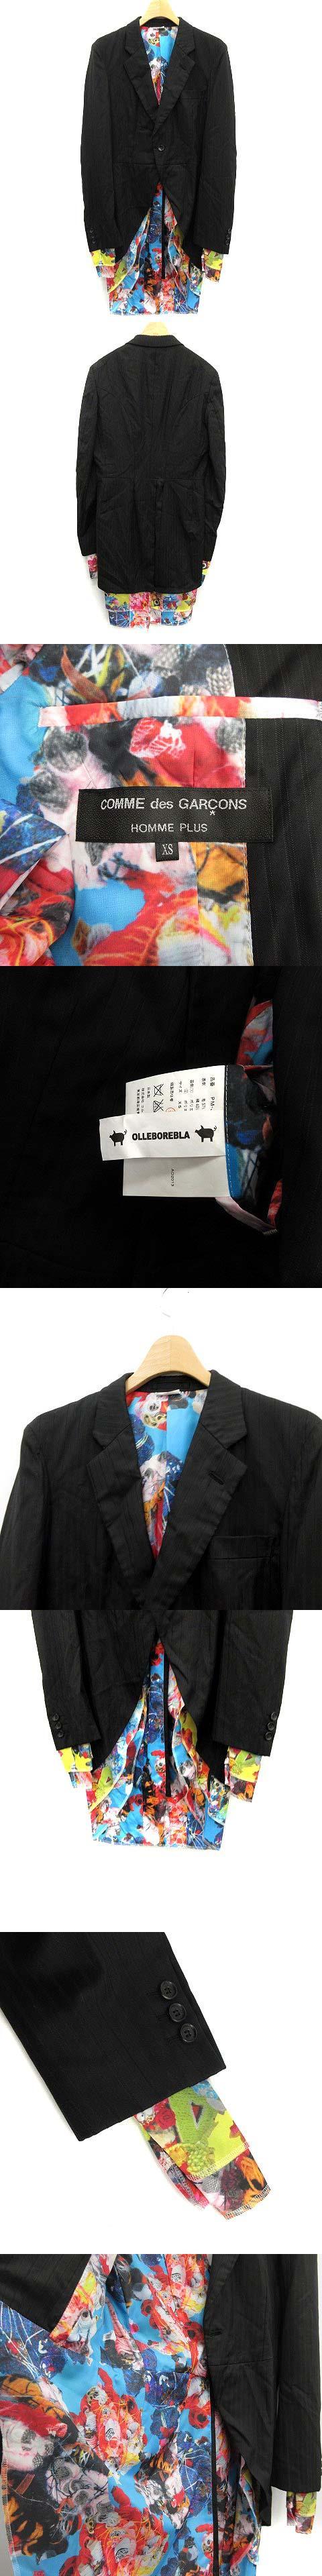 OLLEBOREBLA ジャケット テーラード フェイクレイヤード XS 黒 /KH